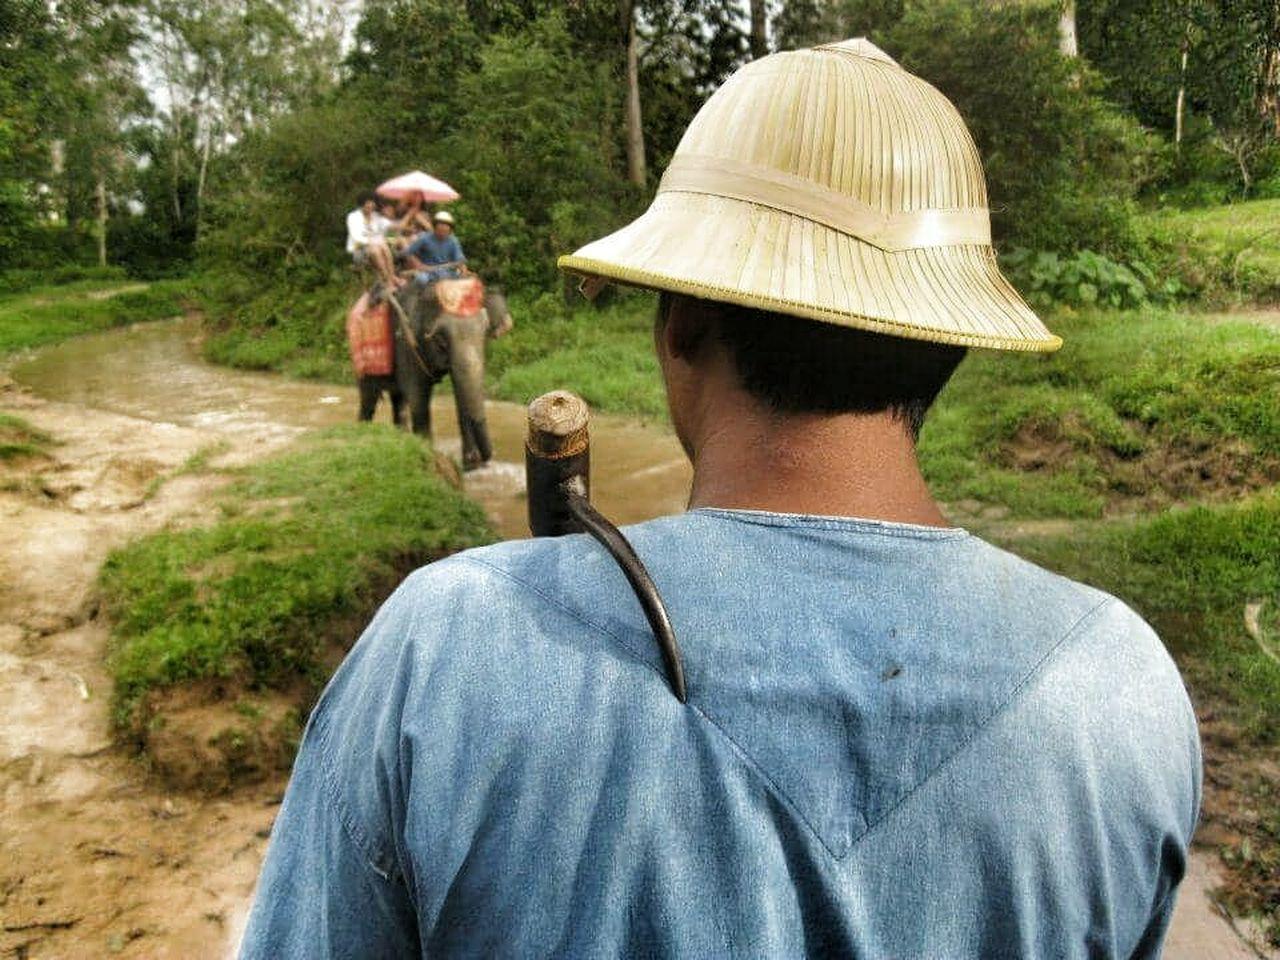 Animalabuse Elephant Elephant Trekking Hook Pain Tree Nofreedom Forest